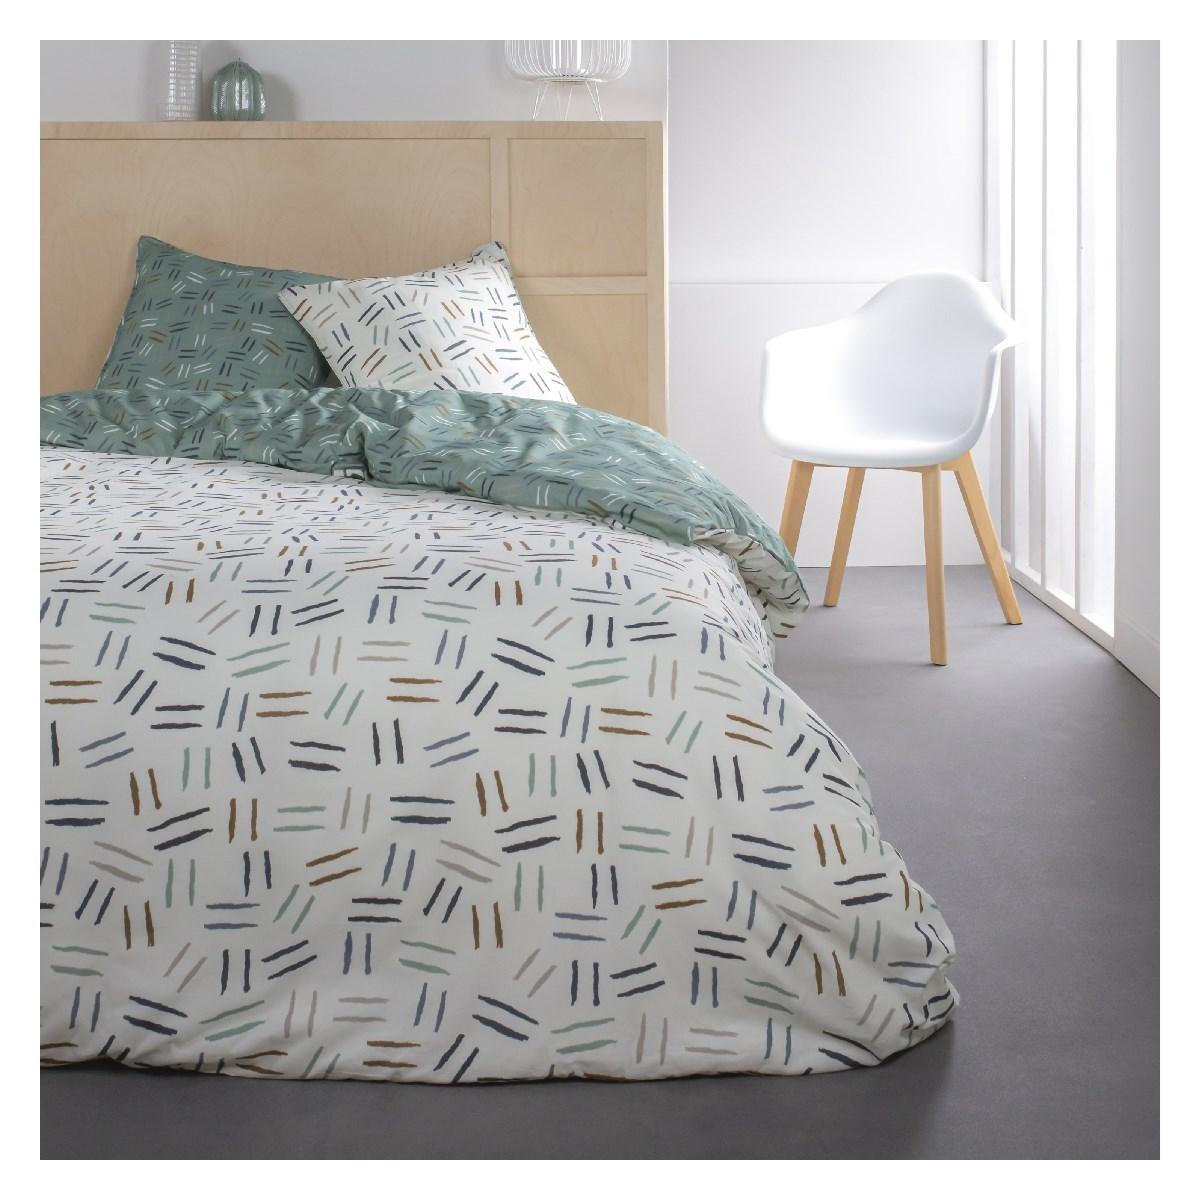 Parure de lit 2 personnes imprimé Rayure en Coton Blanc 220x240 cm